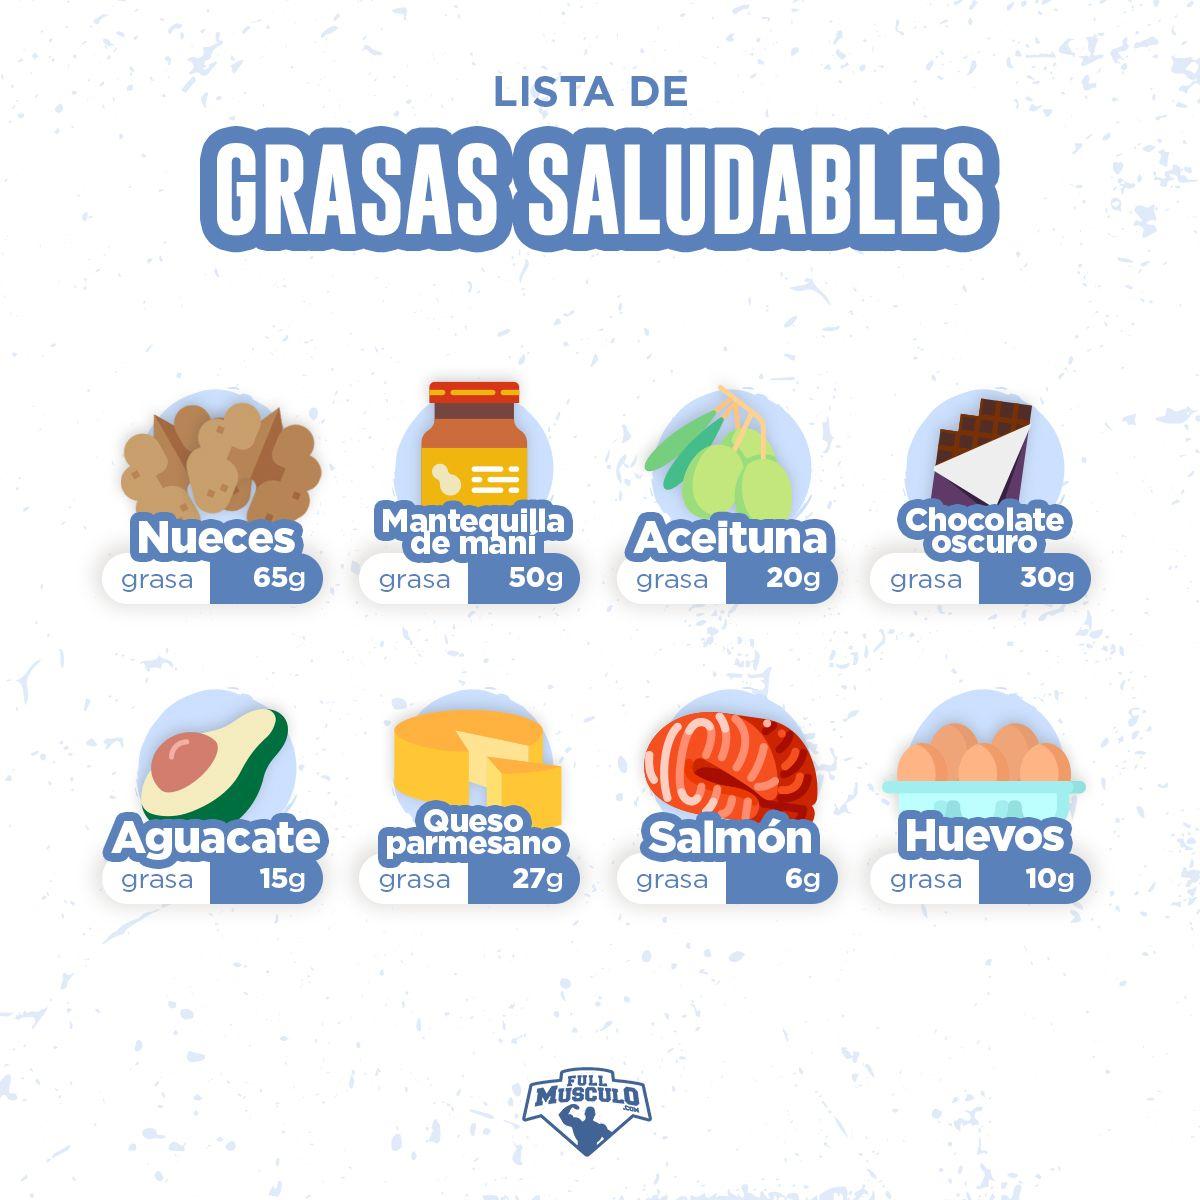 Resultado de imagen para listado de grasas saludables